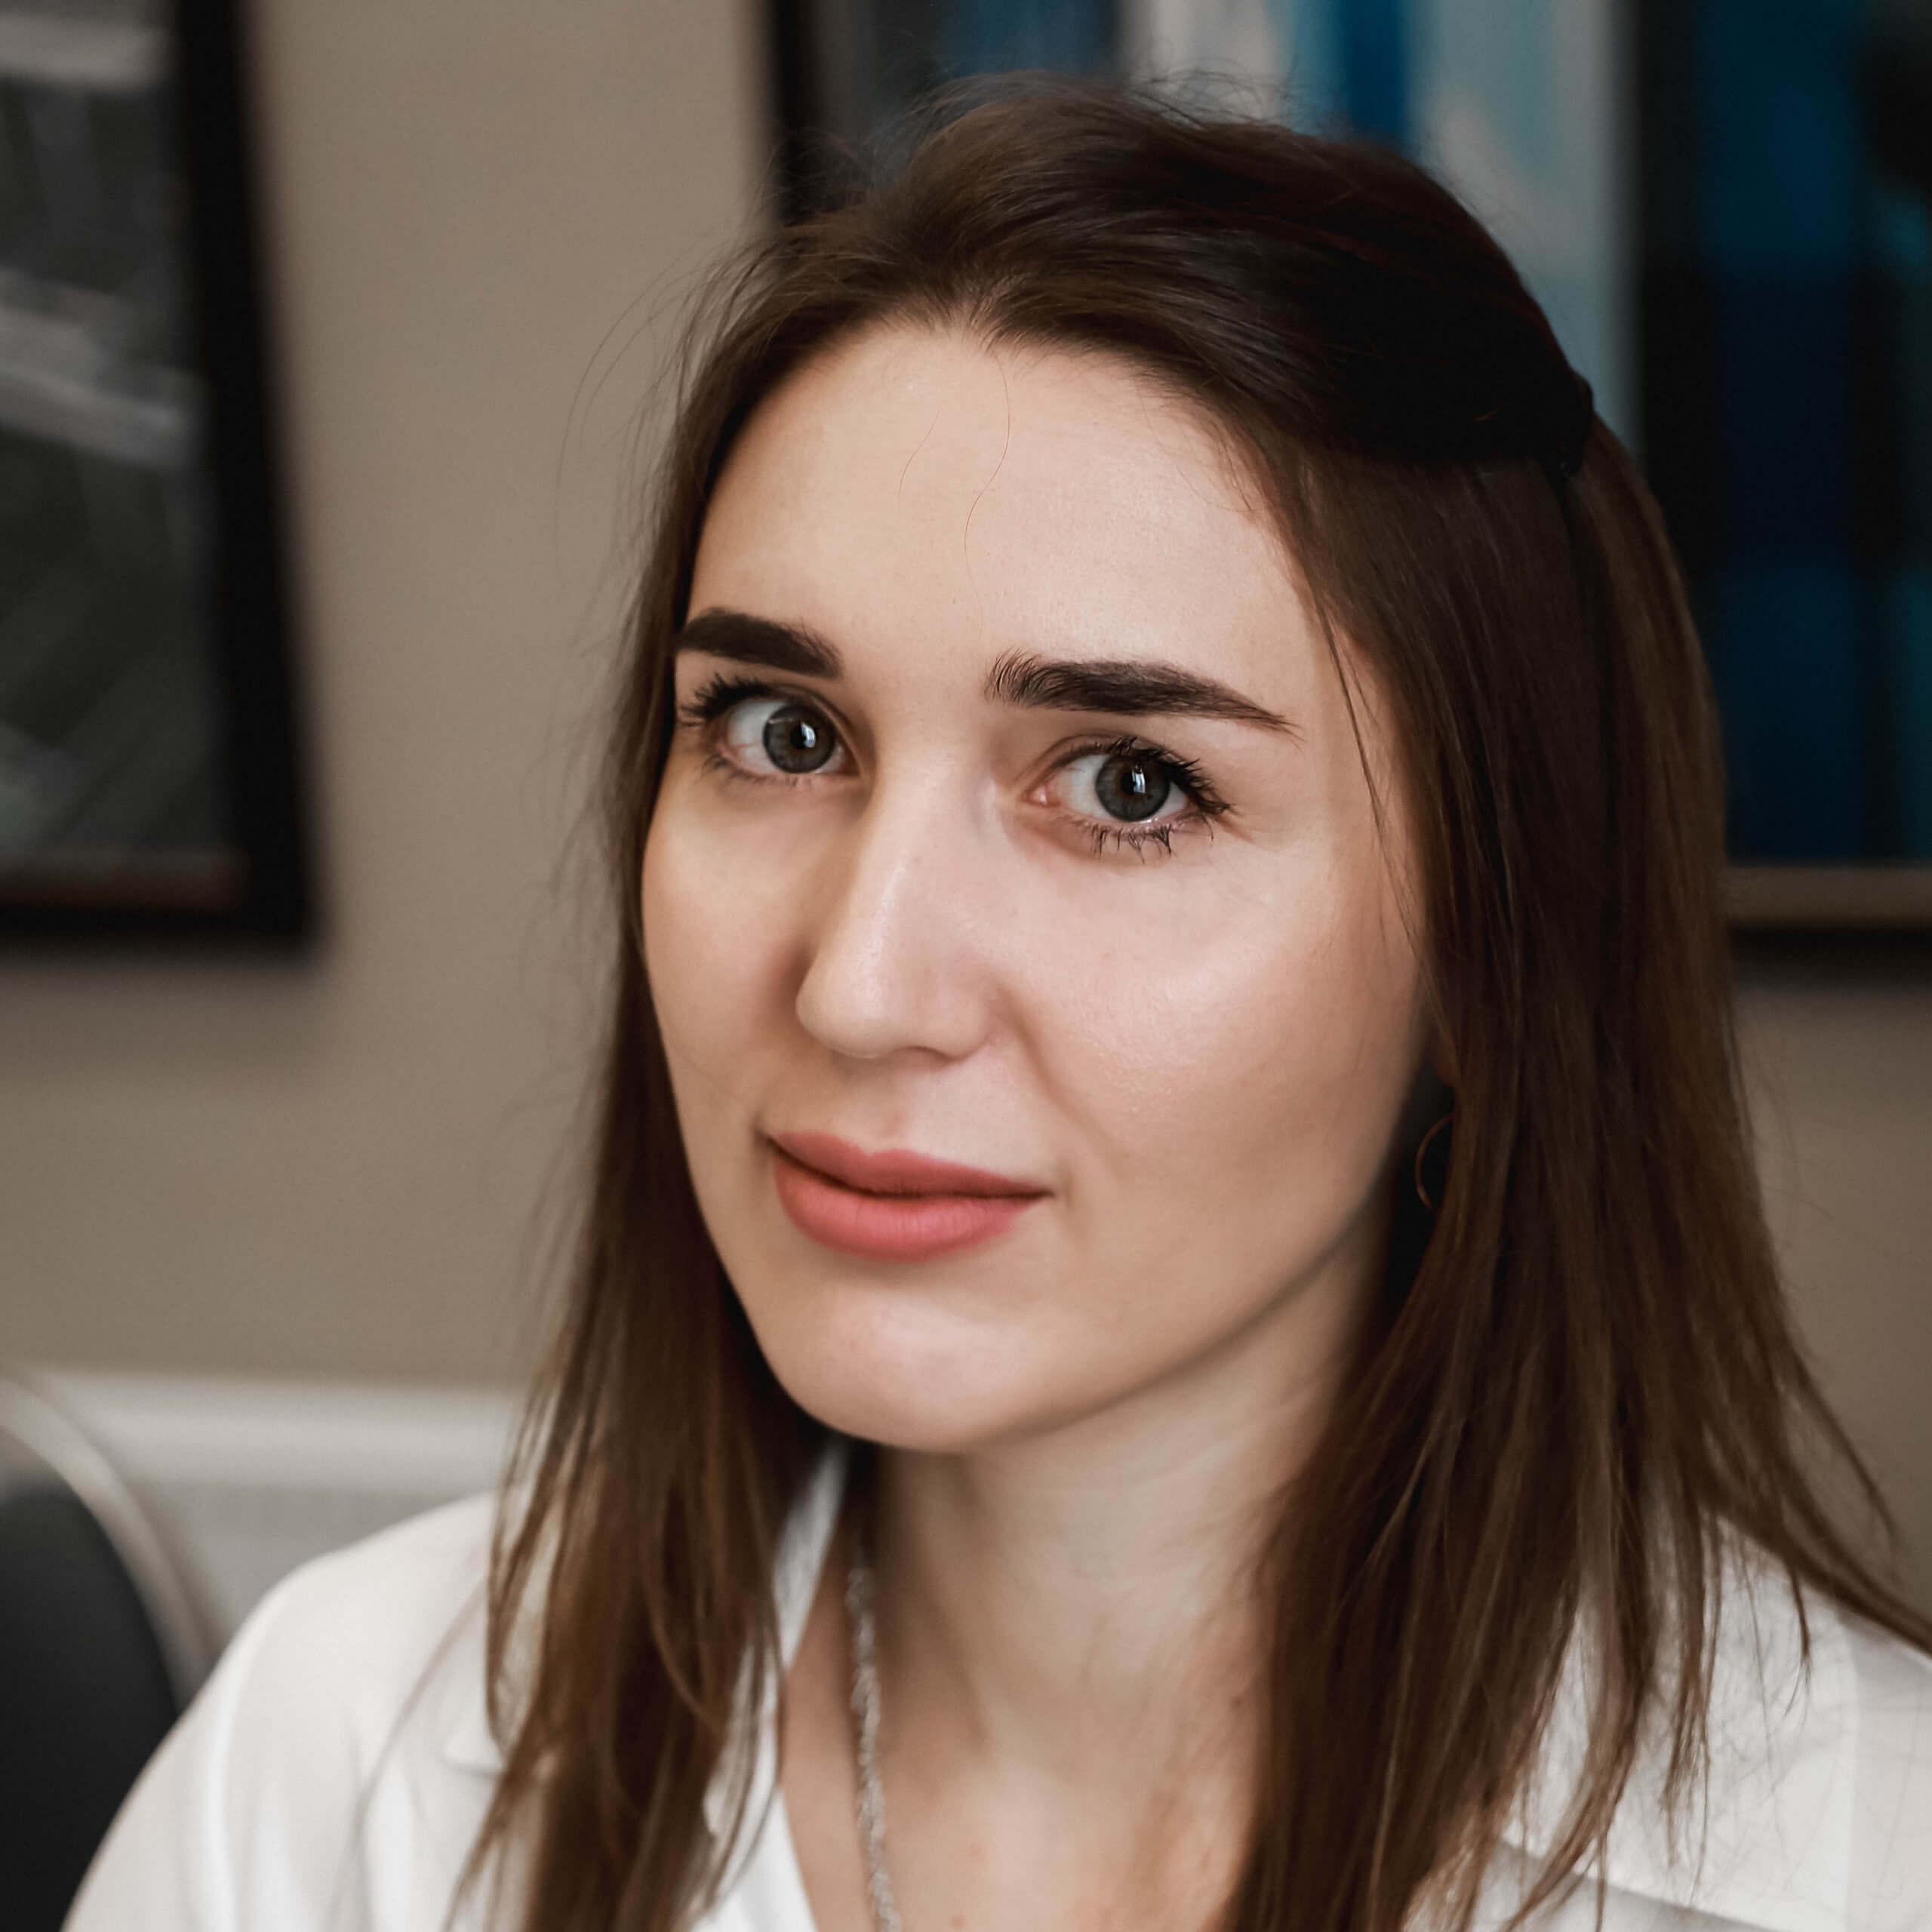 Кежаева Екатерина Владимировна